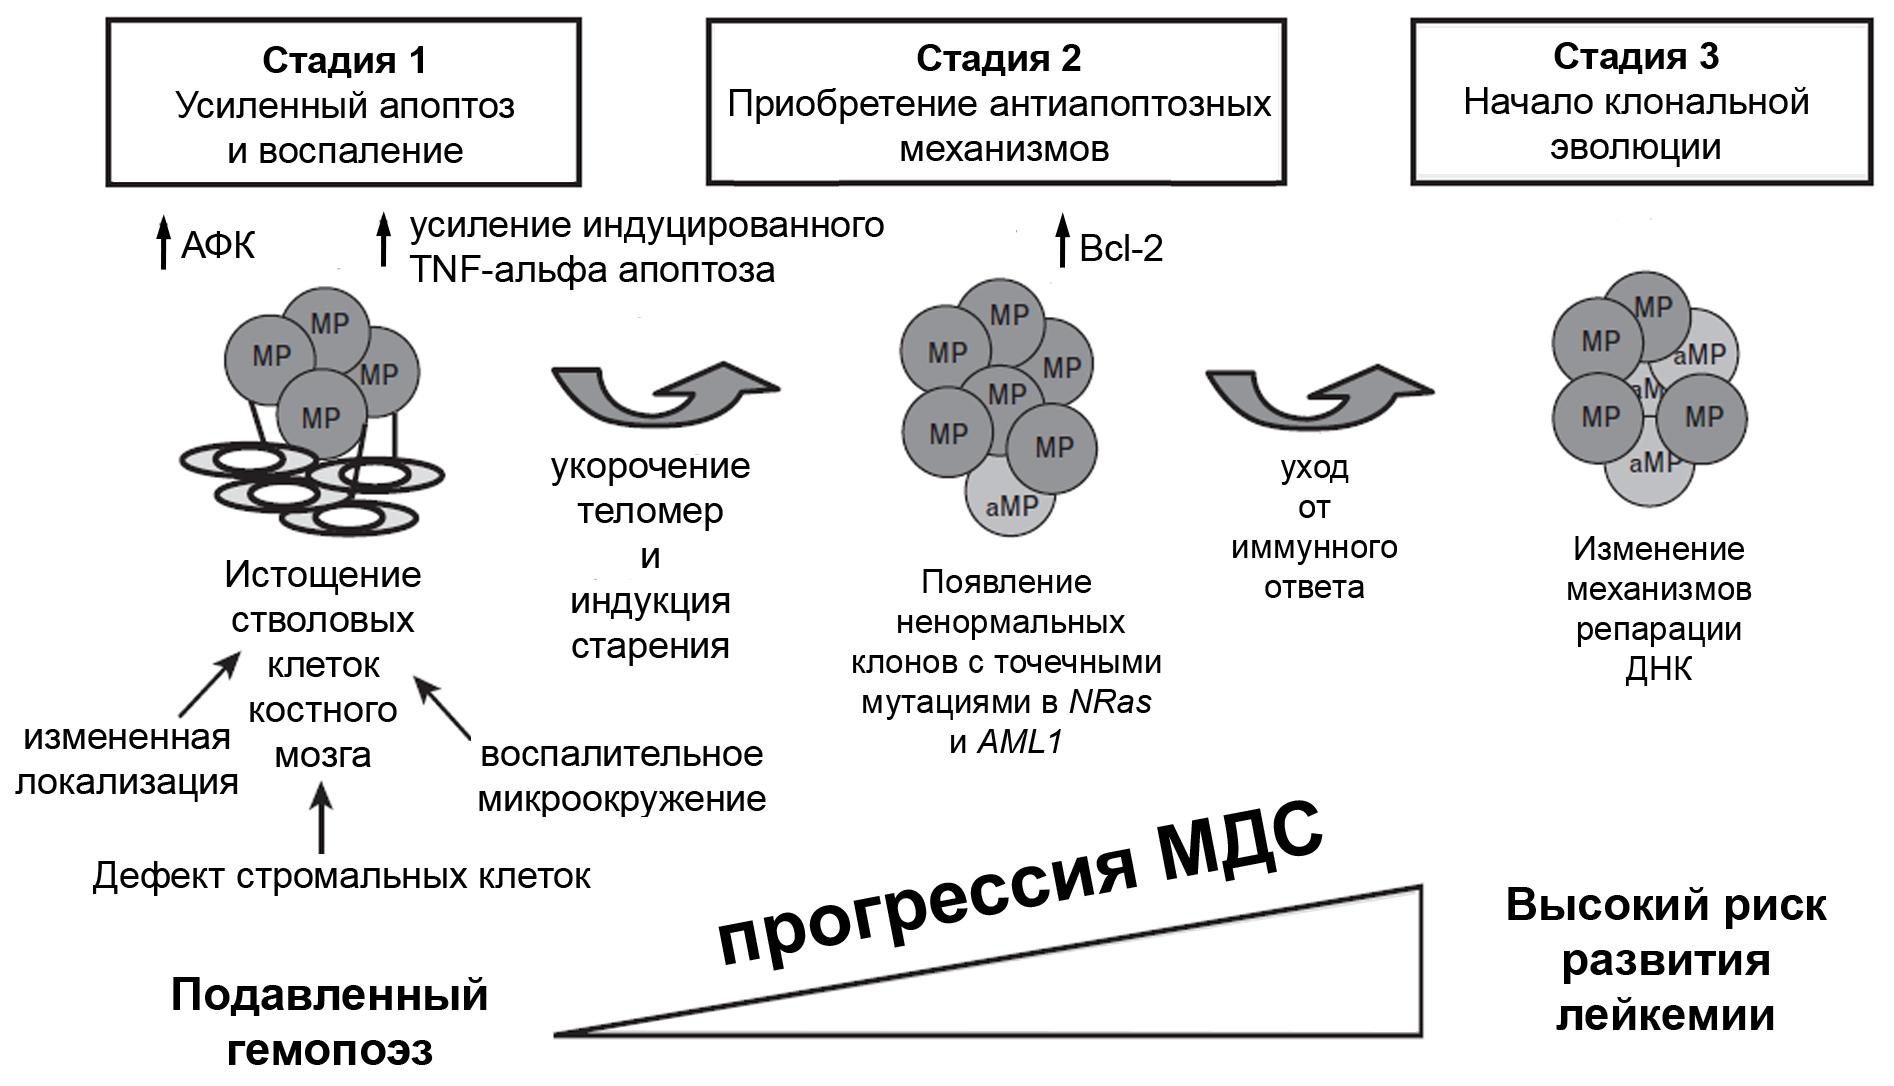 Миелодиспластический синдром